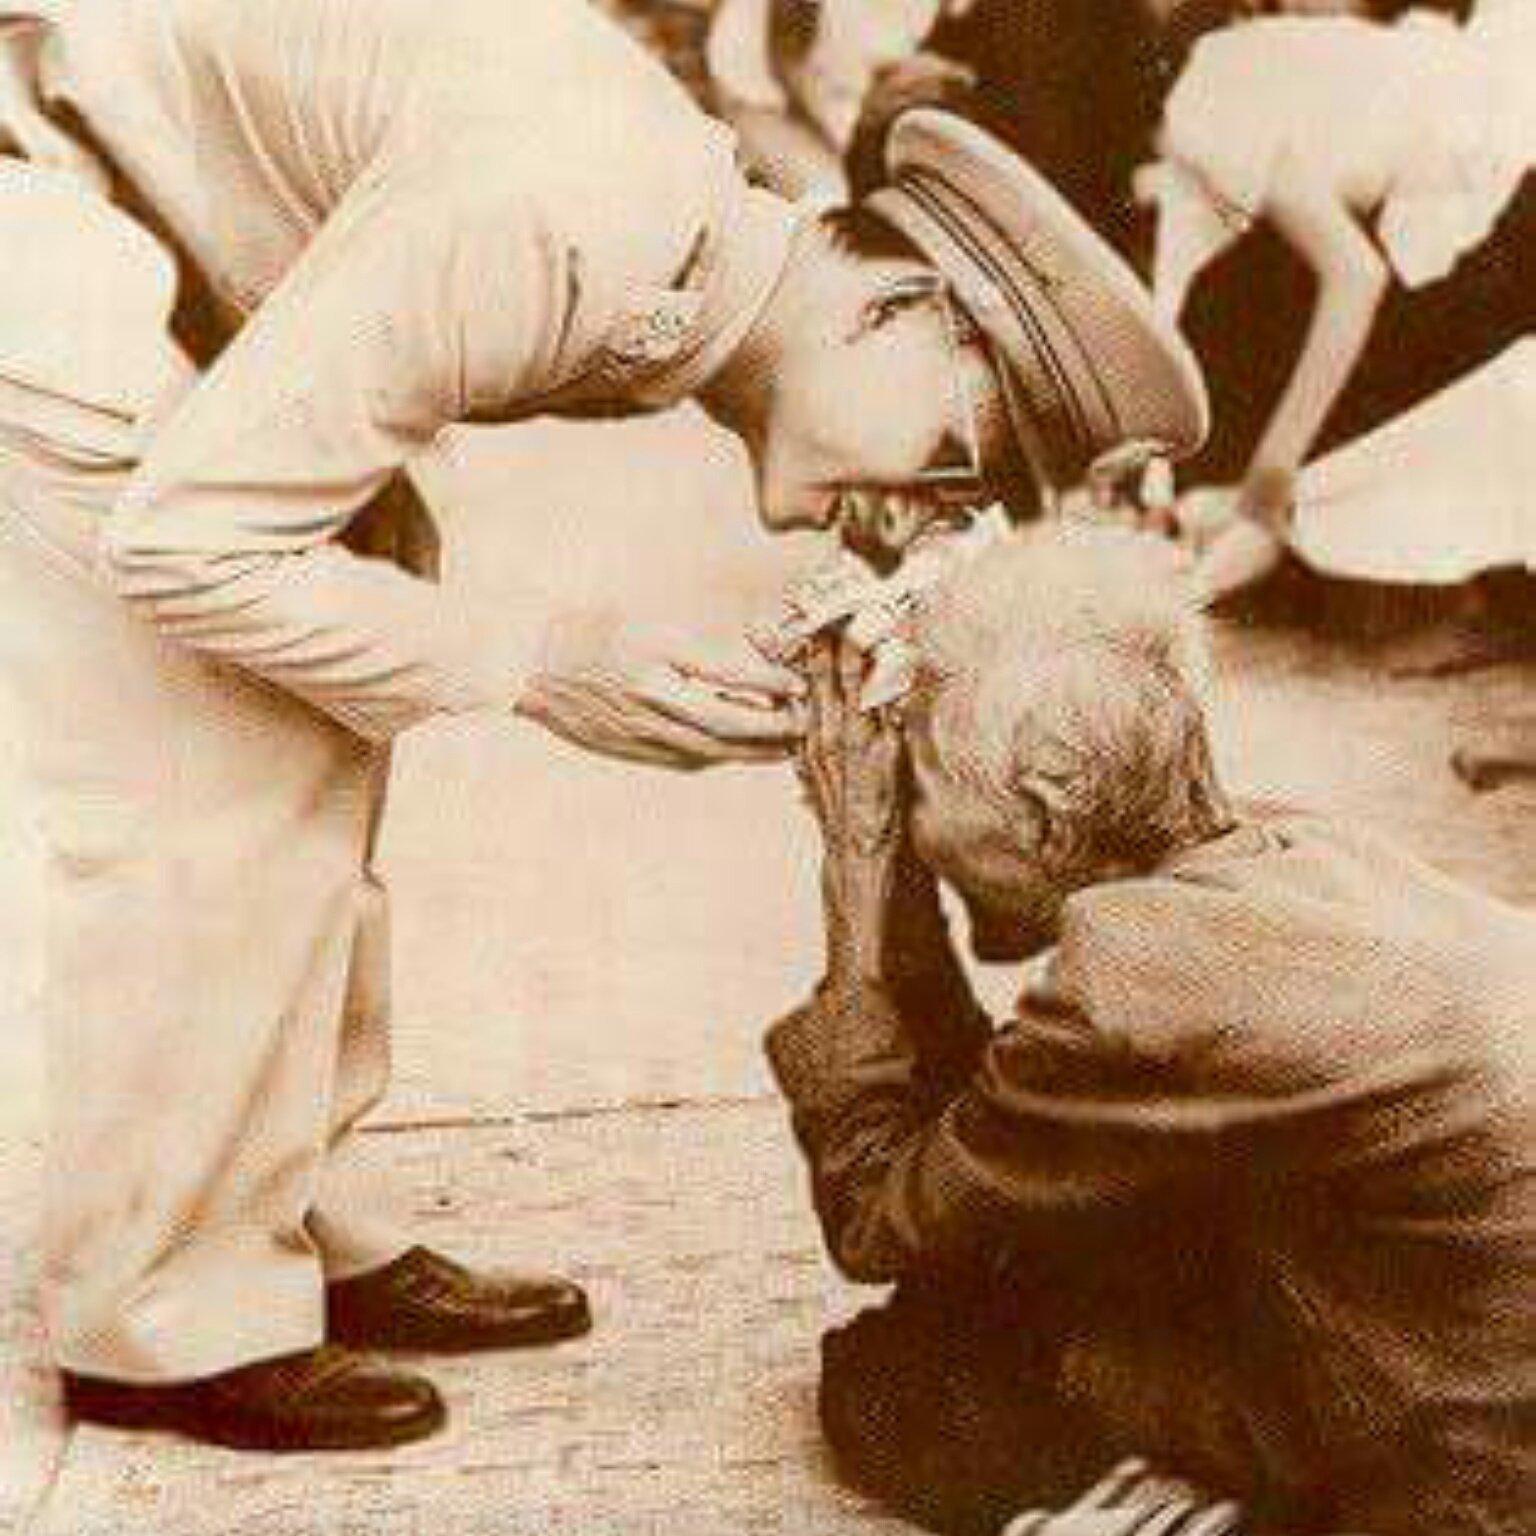 King Bhumibol Adulyadej meets a well-wisher